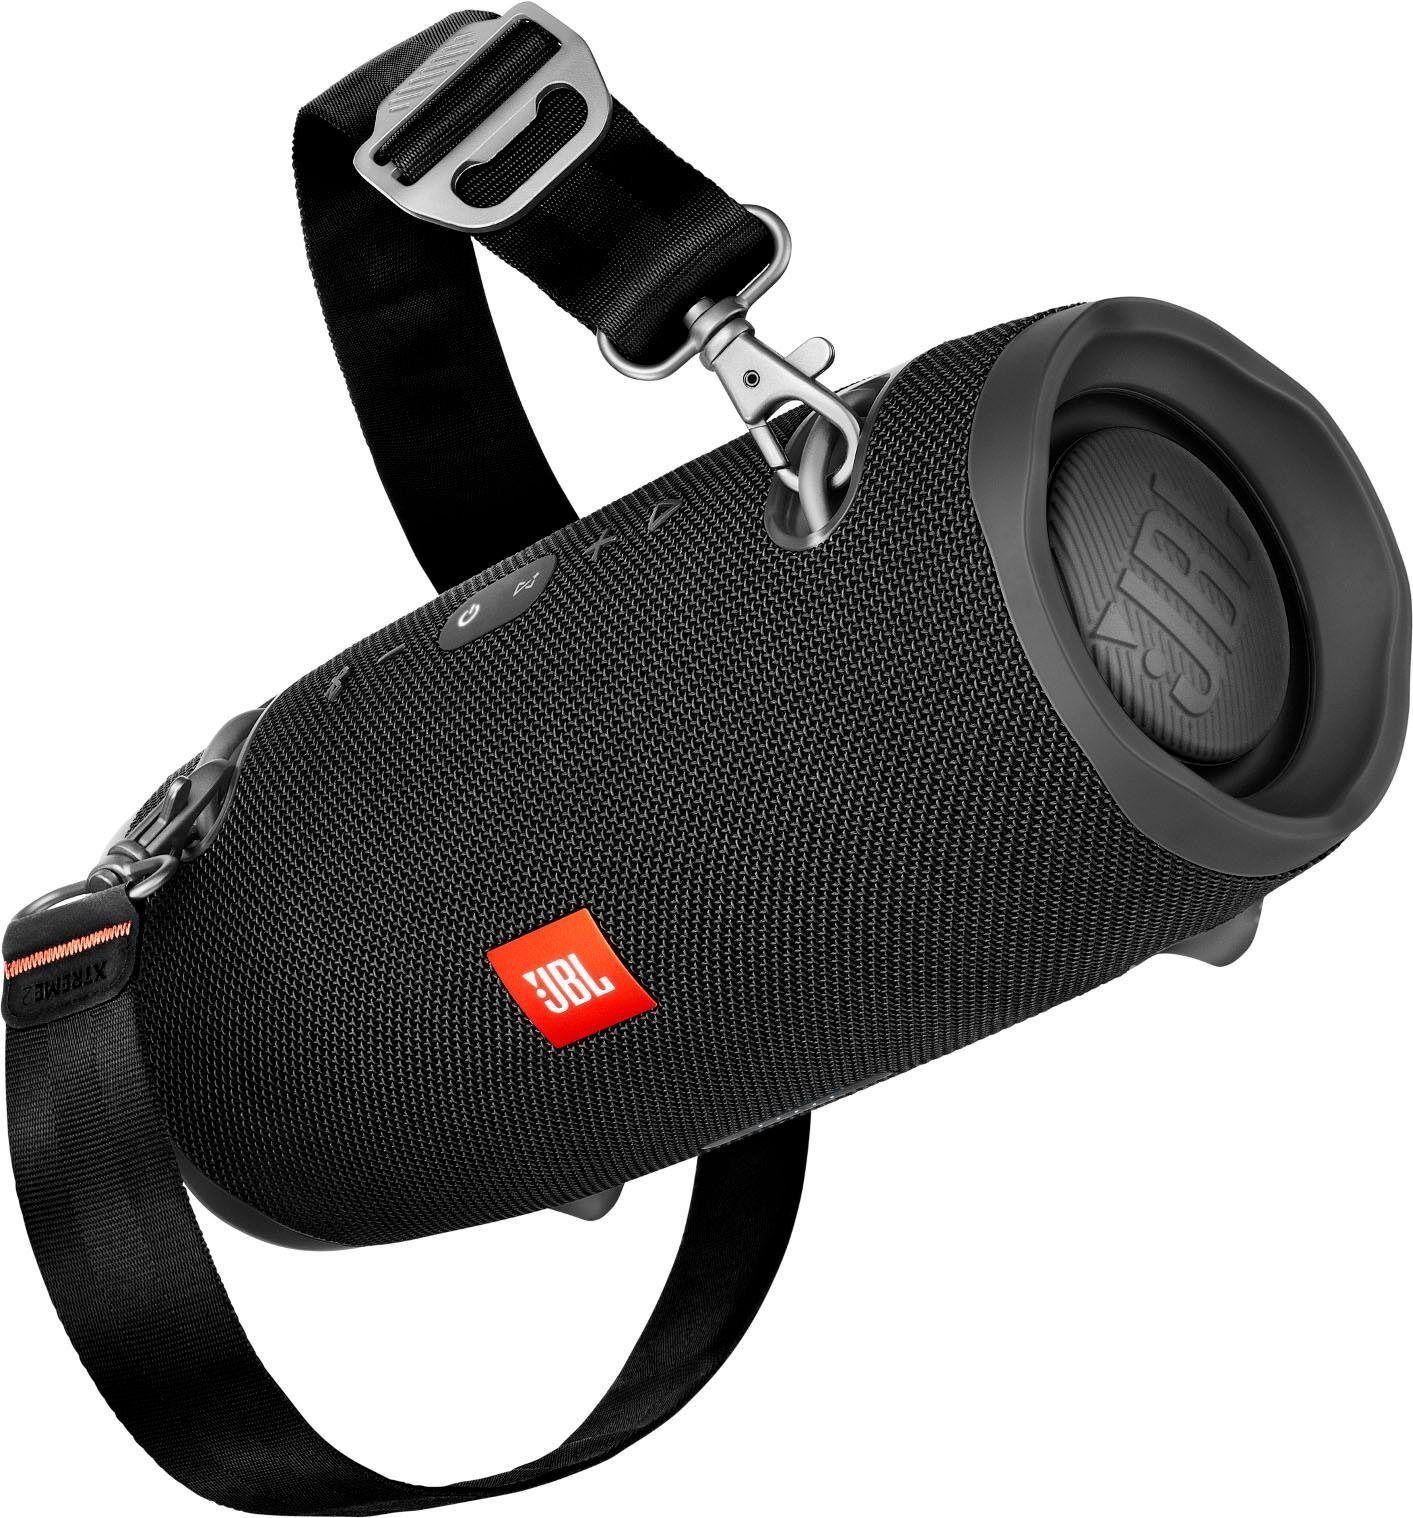 JBL Xtreme 2 ein Portable-Lautsprecher (Bluetooth, 40 W), schwarz